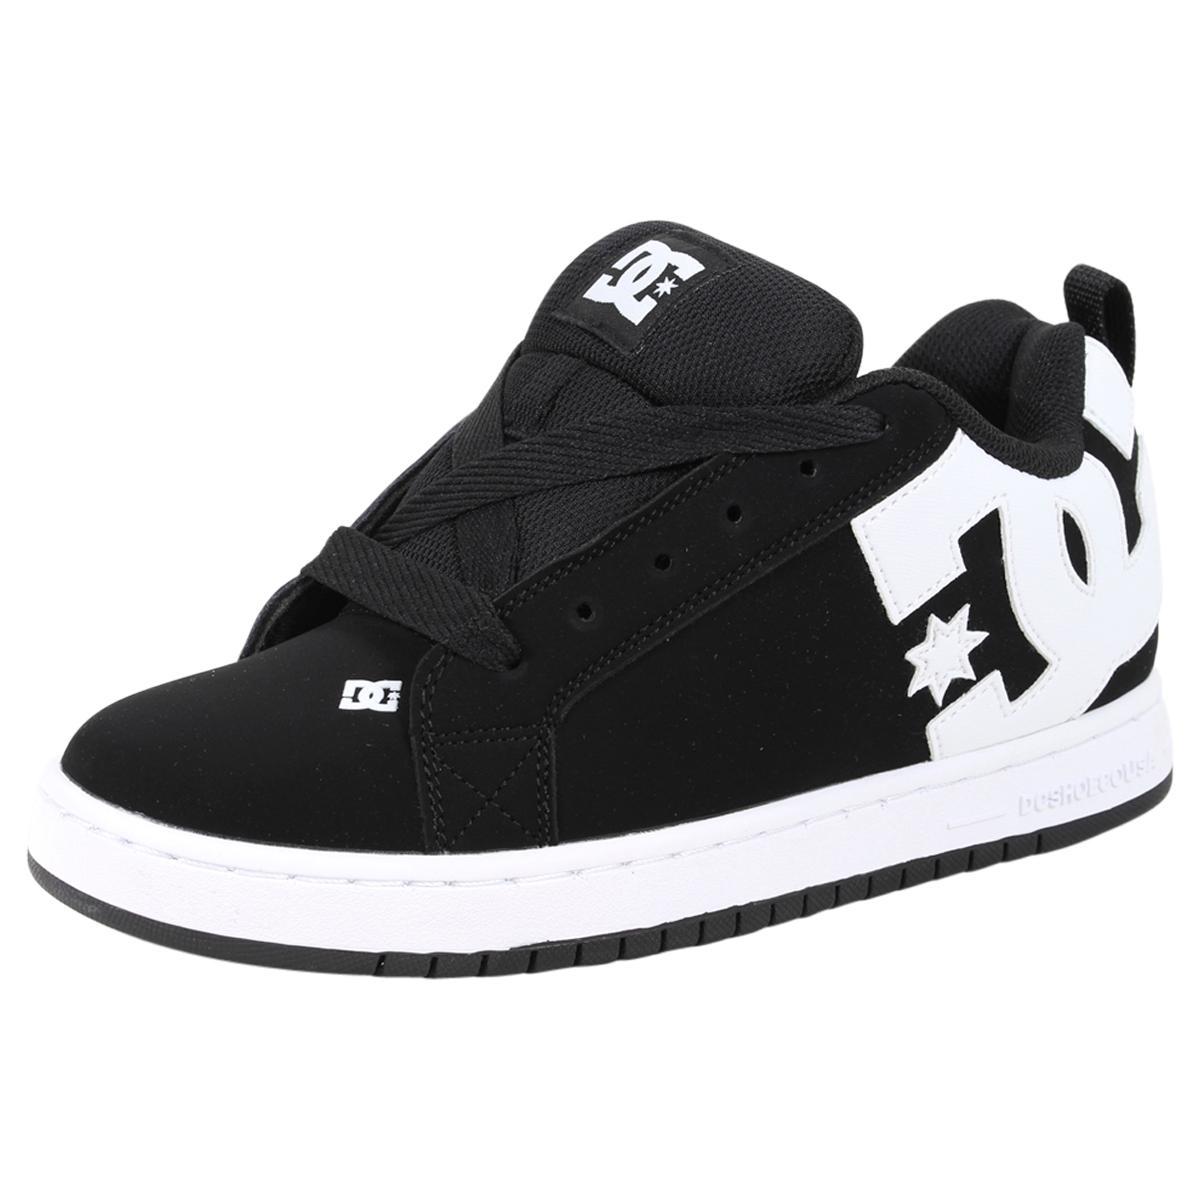 Image of DC Shoes Men's Court Graffik Skateboarding Sneakers Shoes - Black - 14 D(M) US